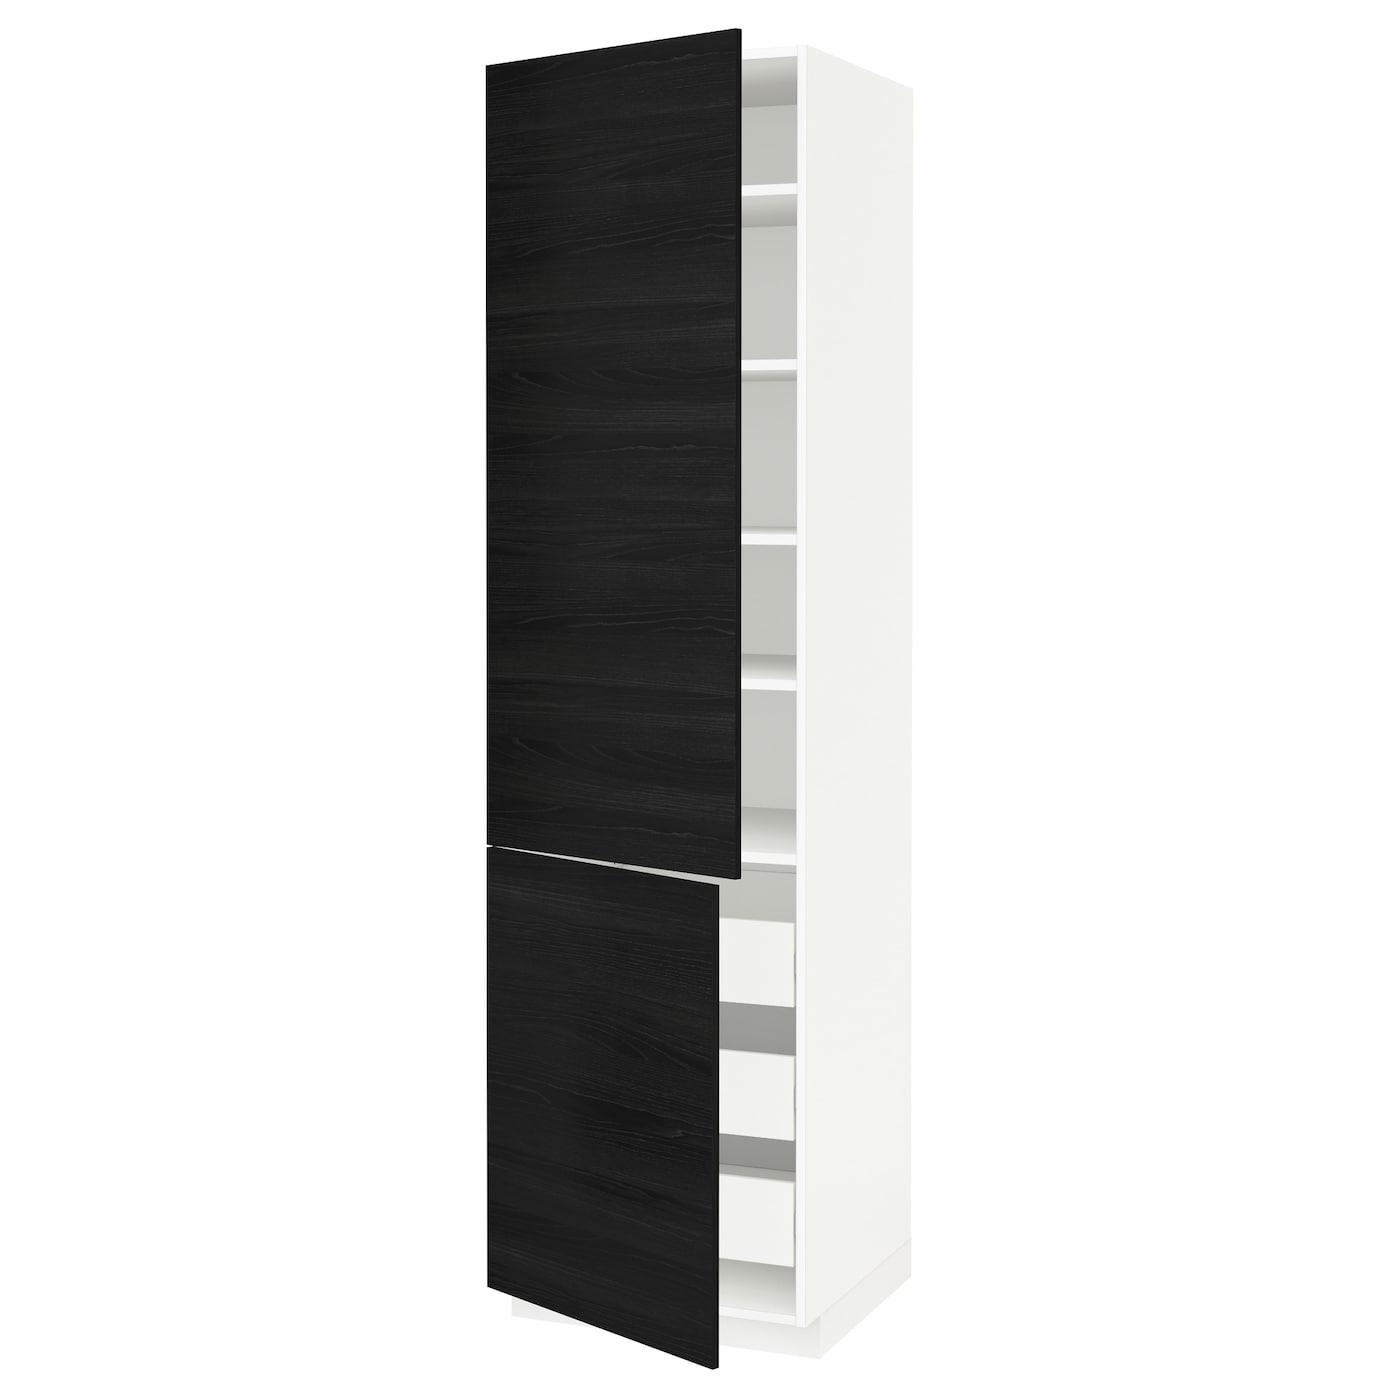 METOD / FÖRVARA, Hochschr. Böd/3 Schubl./2 Türen, weiß, schwarz 899.210.28